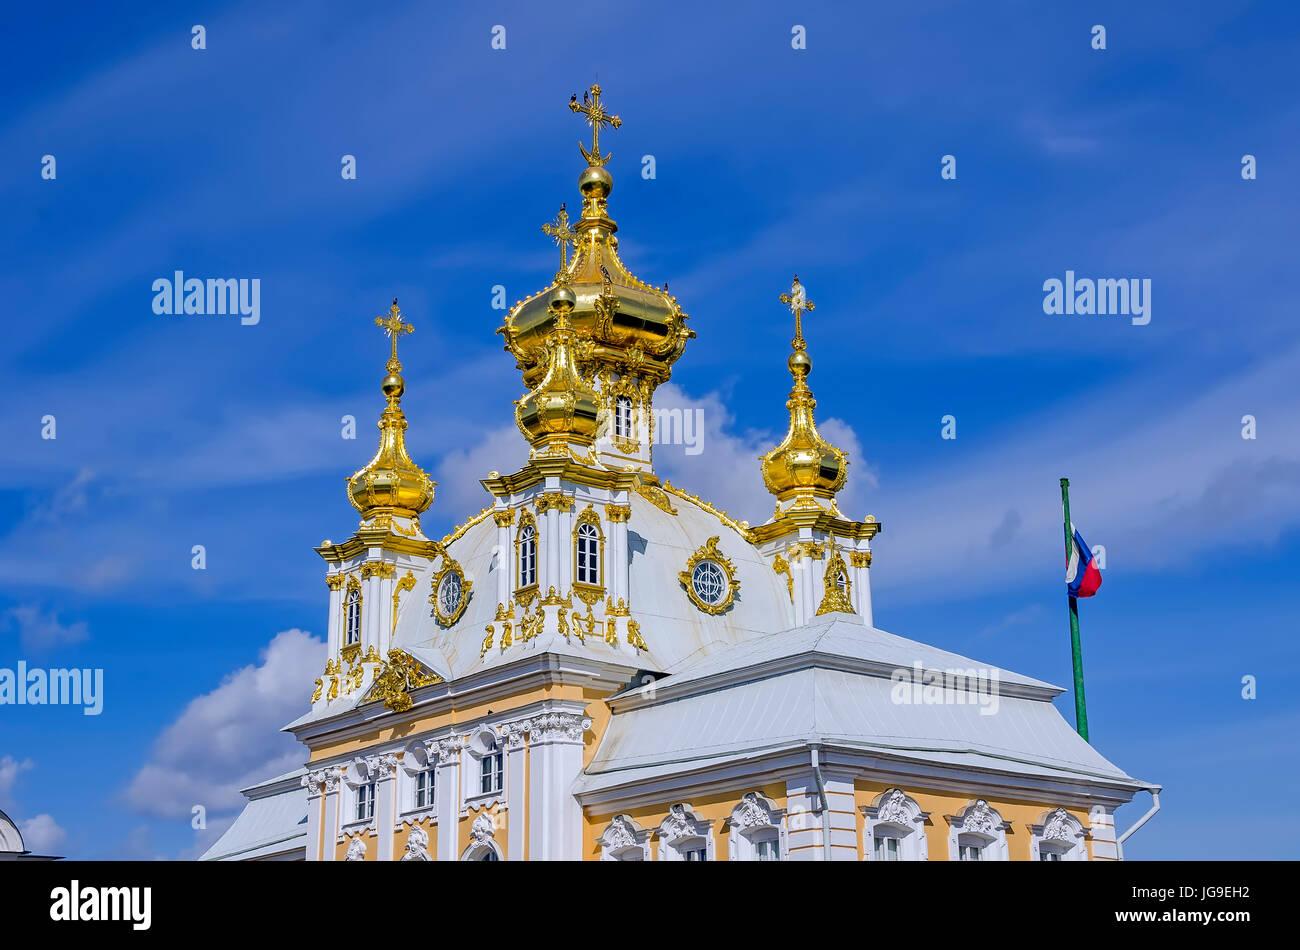 Palacio Peterhof cúpulas doradas de la iglesia en el Grand Palace está situado cerca de San Petersburgo, Imagen De Stock